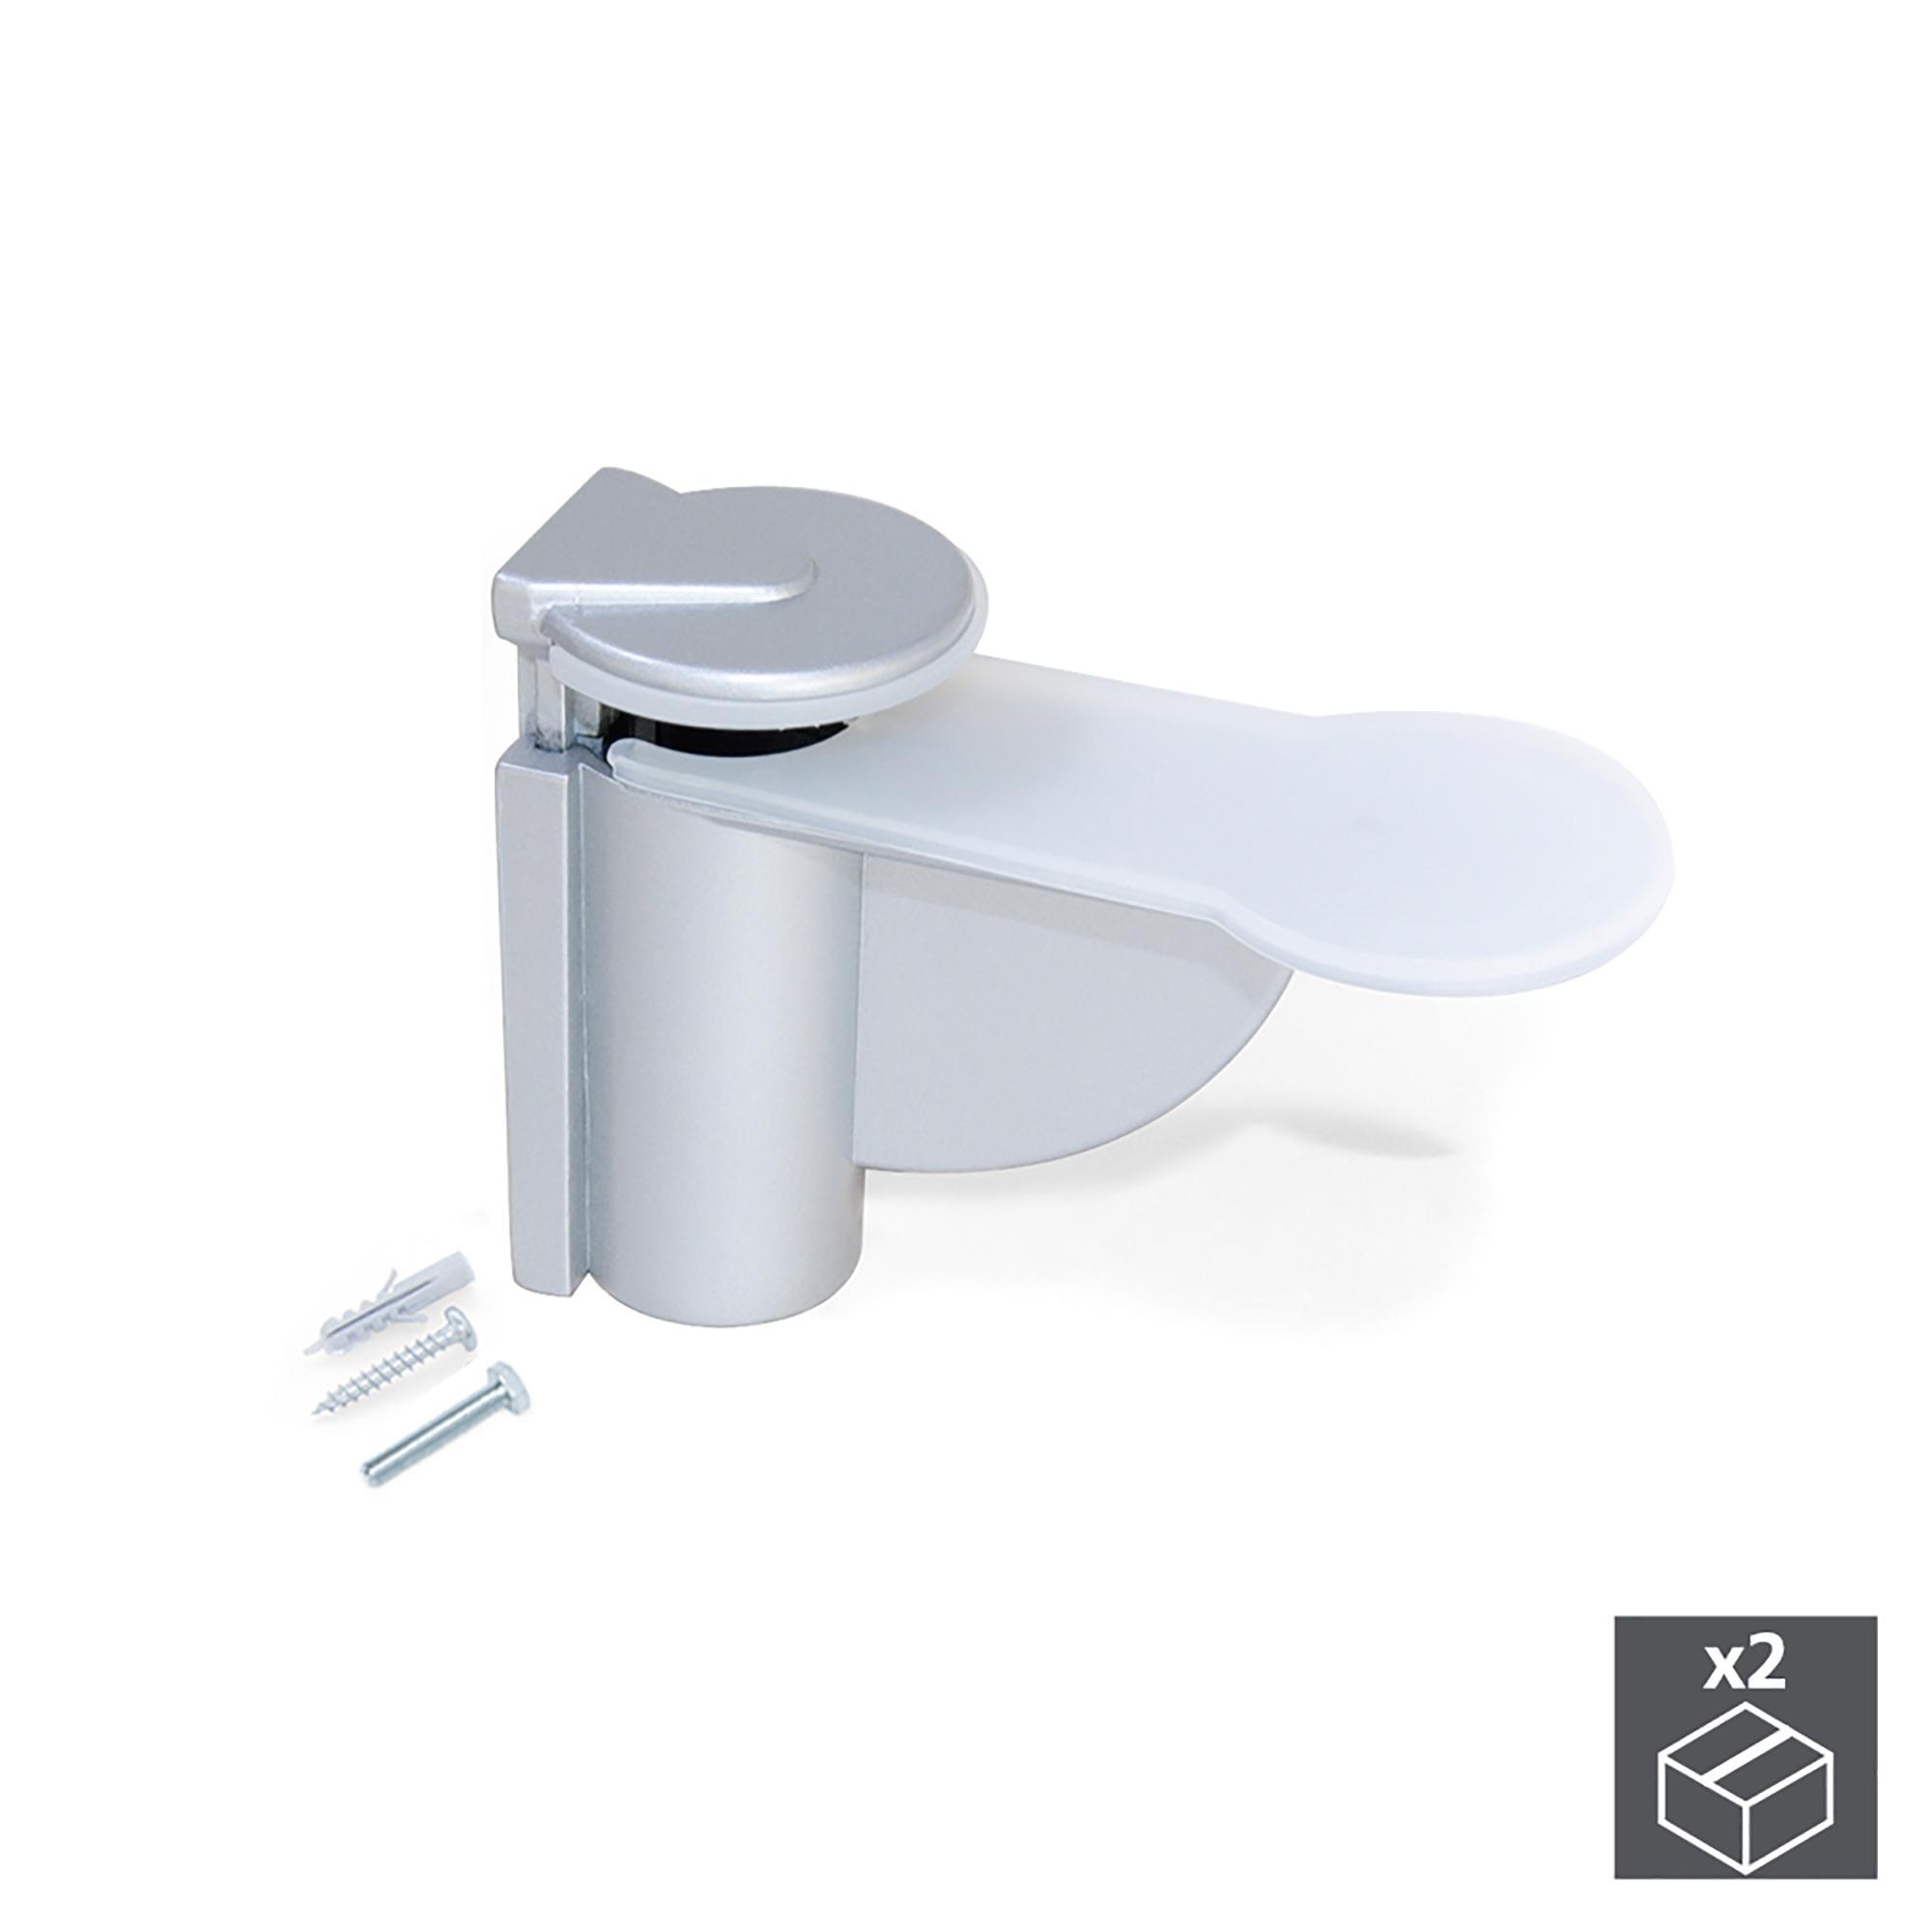 Accessori Per Mensole In Vetro.Reggimensola Venezia Per Ripiani Legno Vetro Emuca